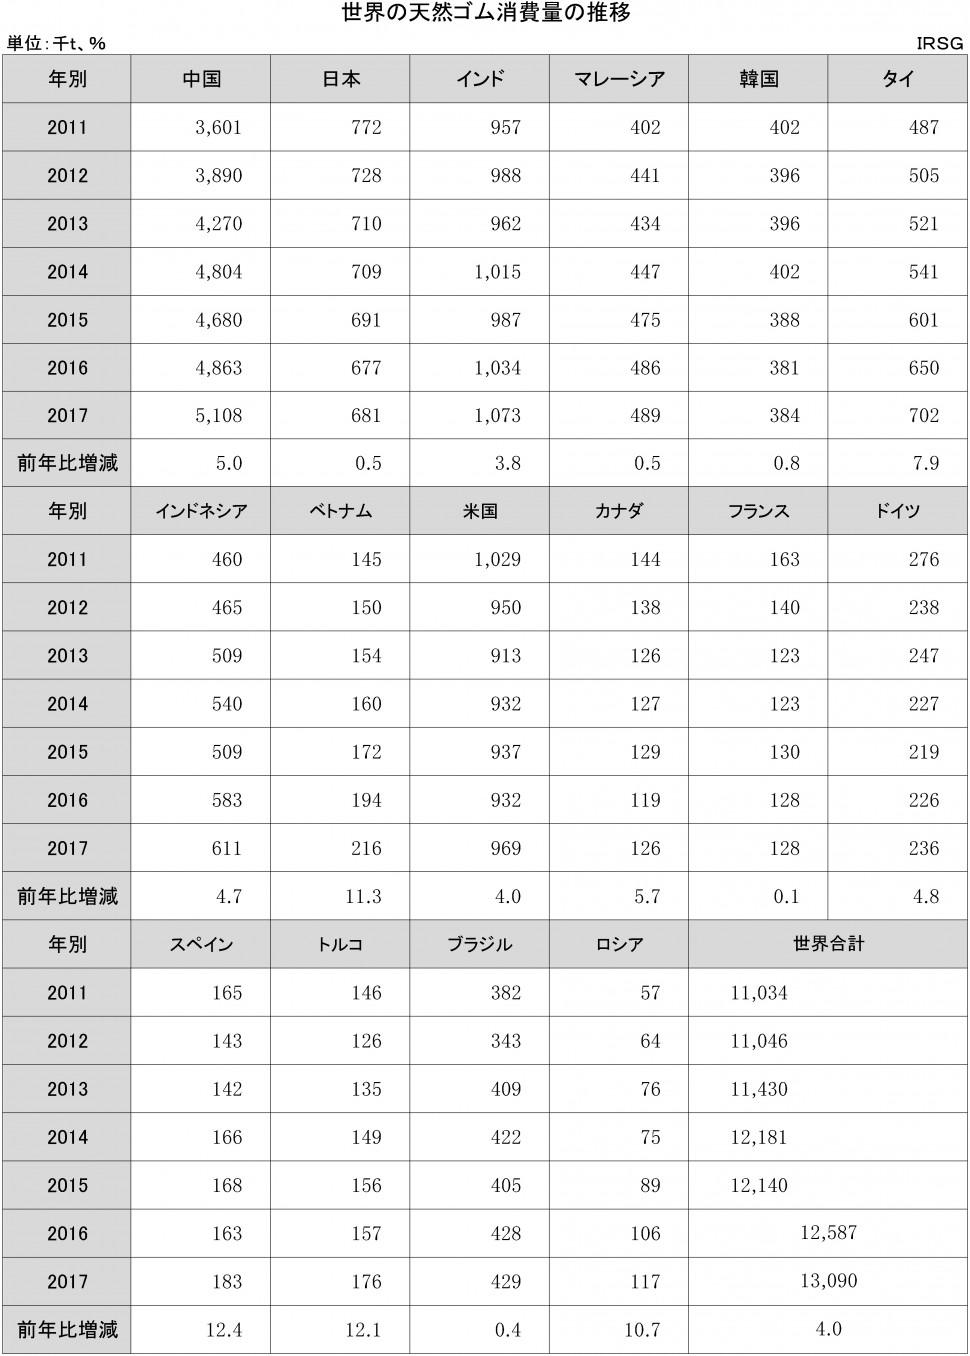 【DB】1-1-1-2 世界の天然ゴム消費量の推移